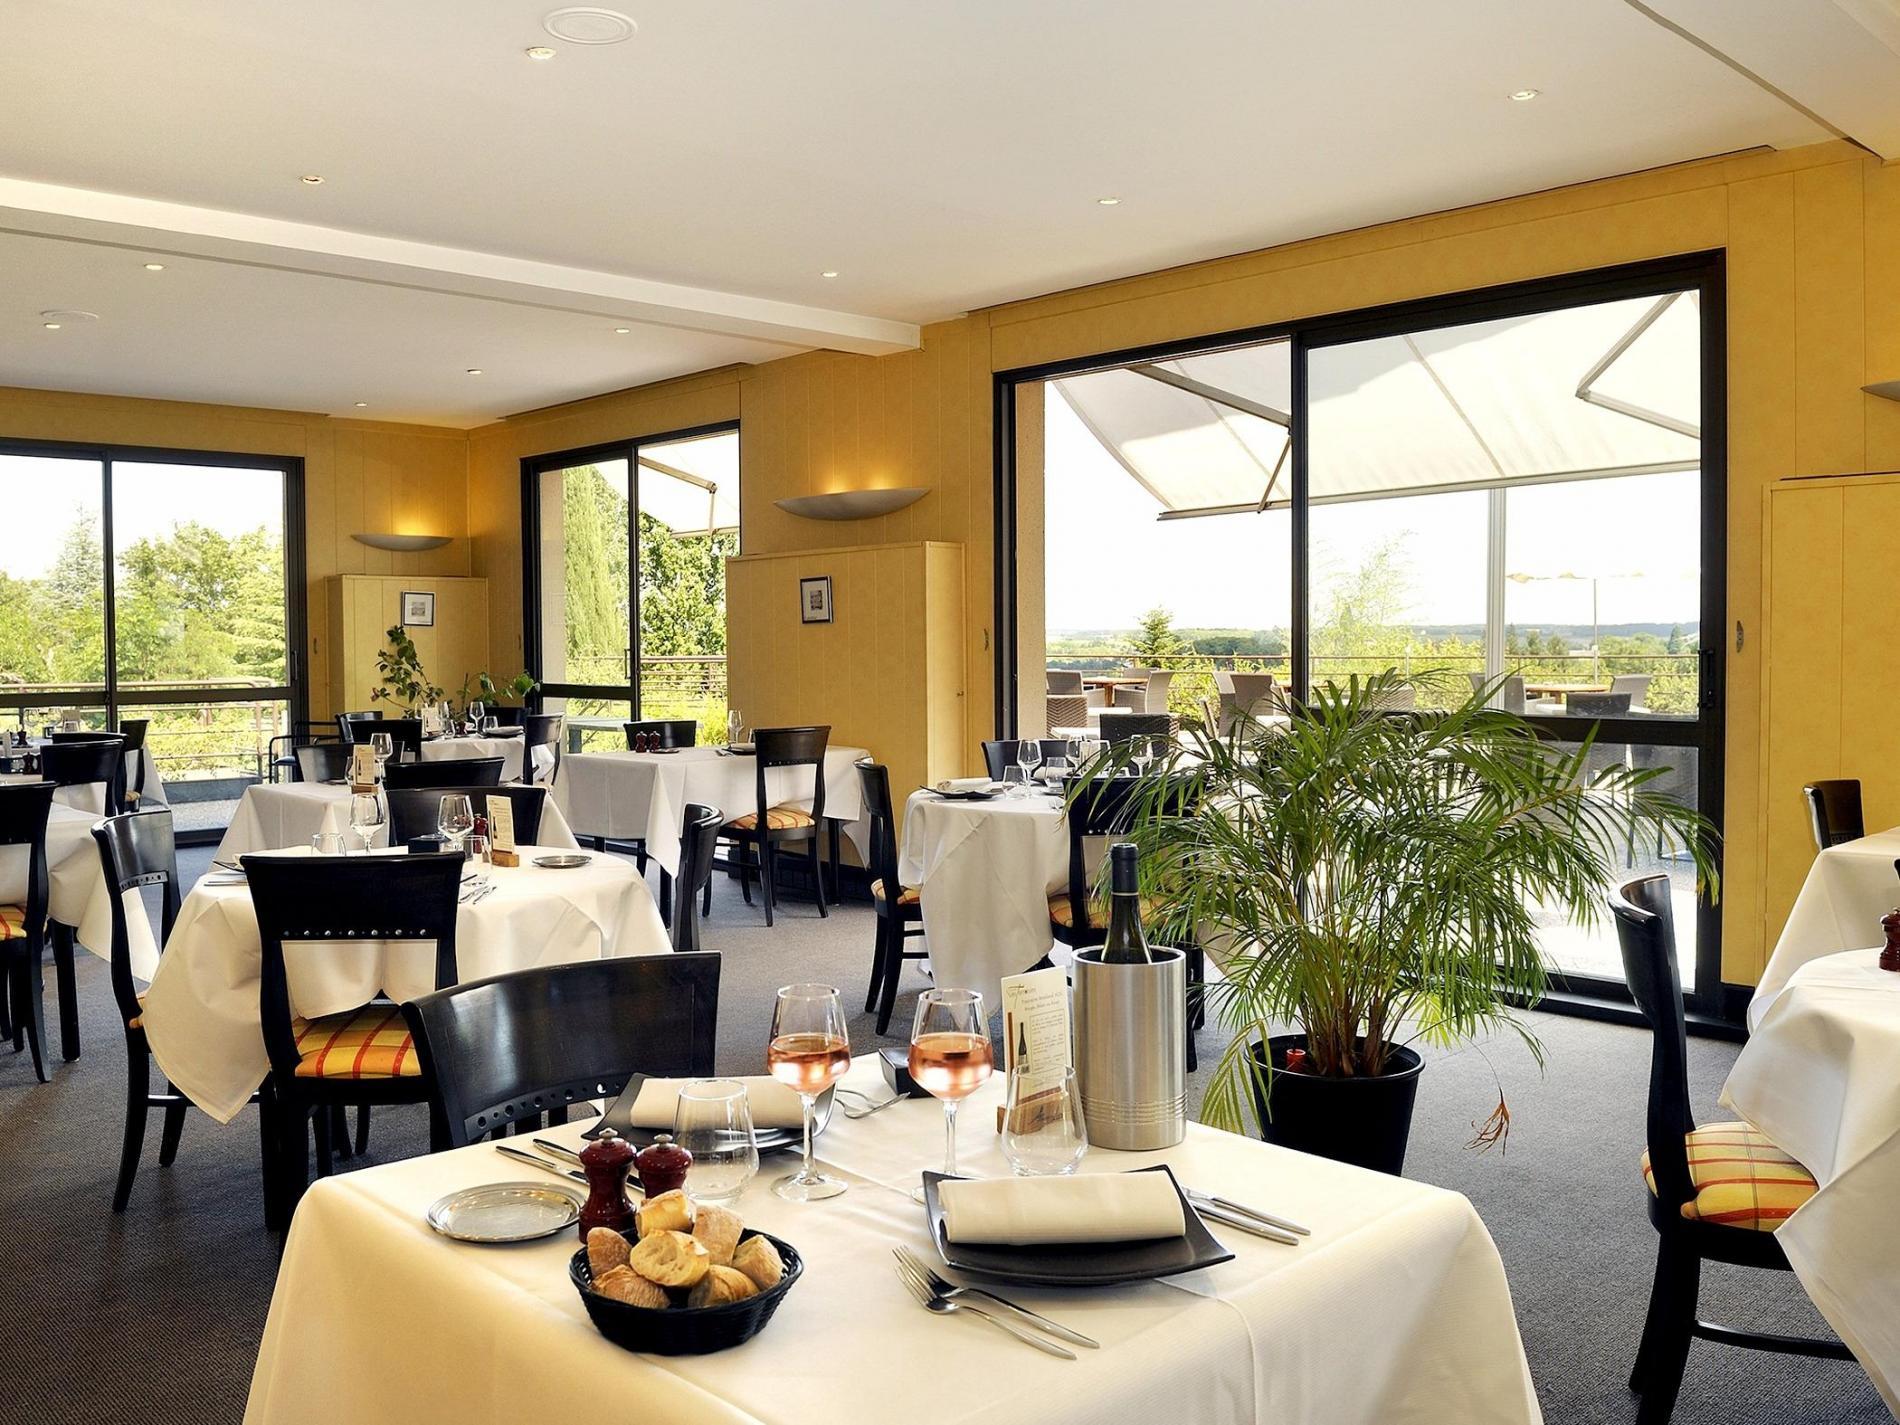 2 salles de restaurant